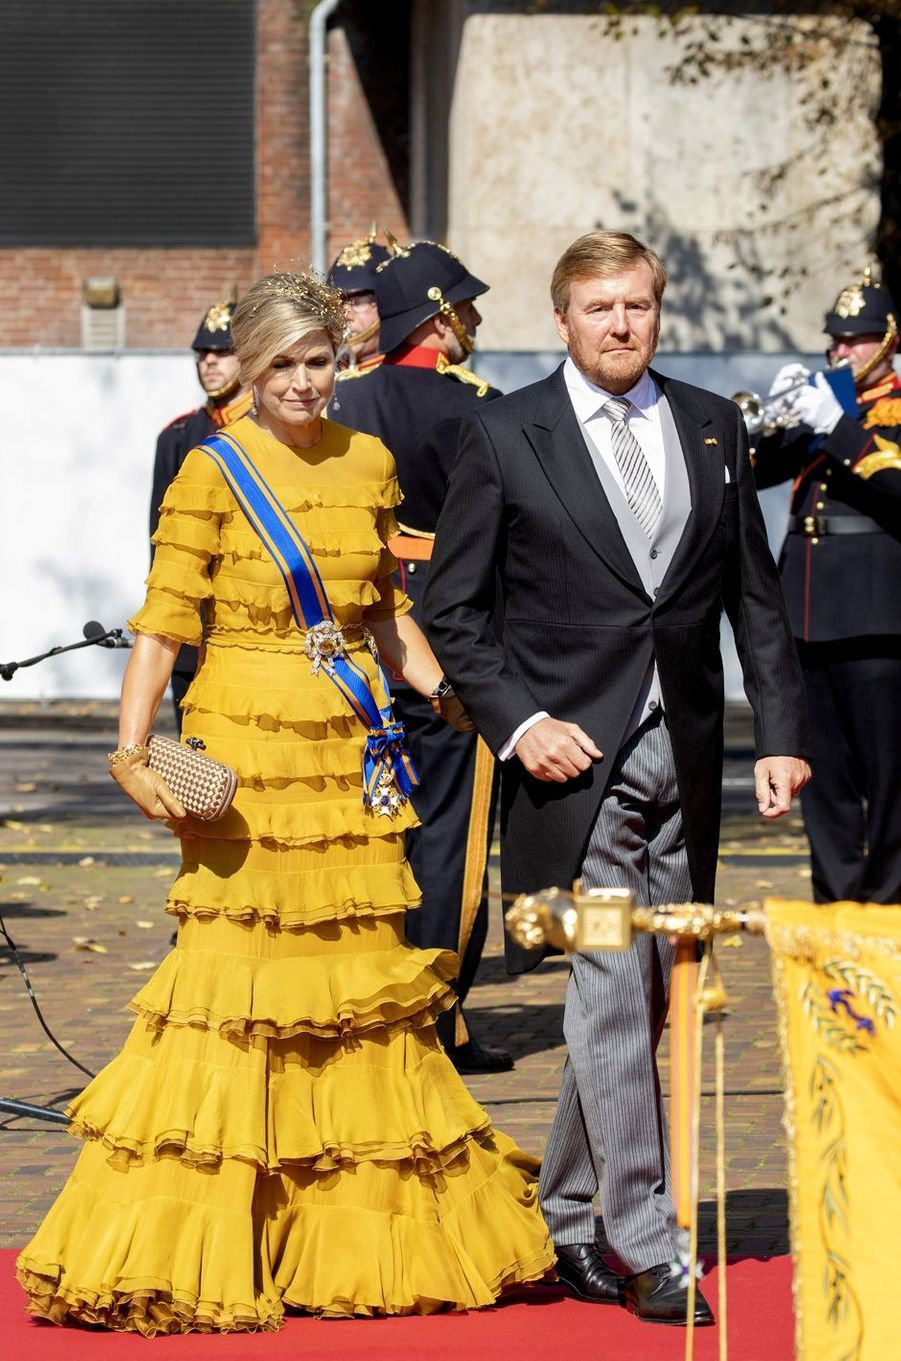 La reine Maxima avec le roi Willem-Alexander des Pays-Bas à La Haye, le 15 septembre 2020